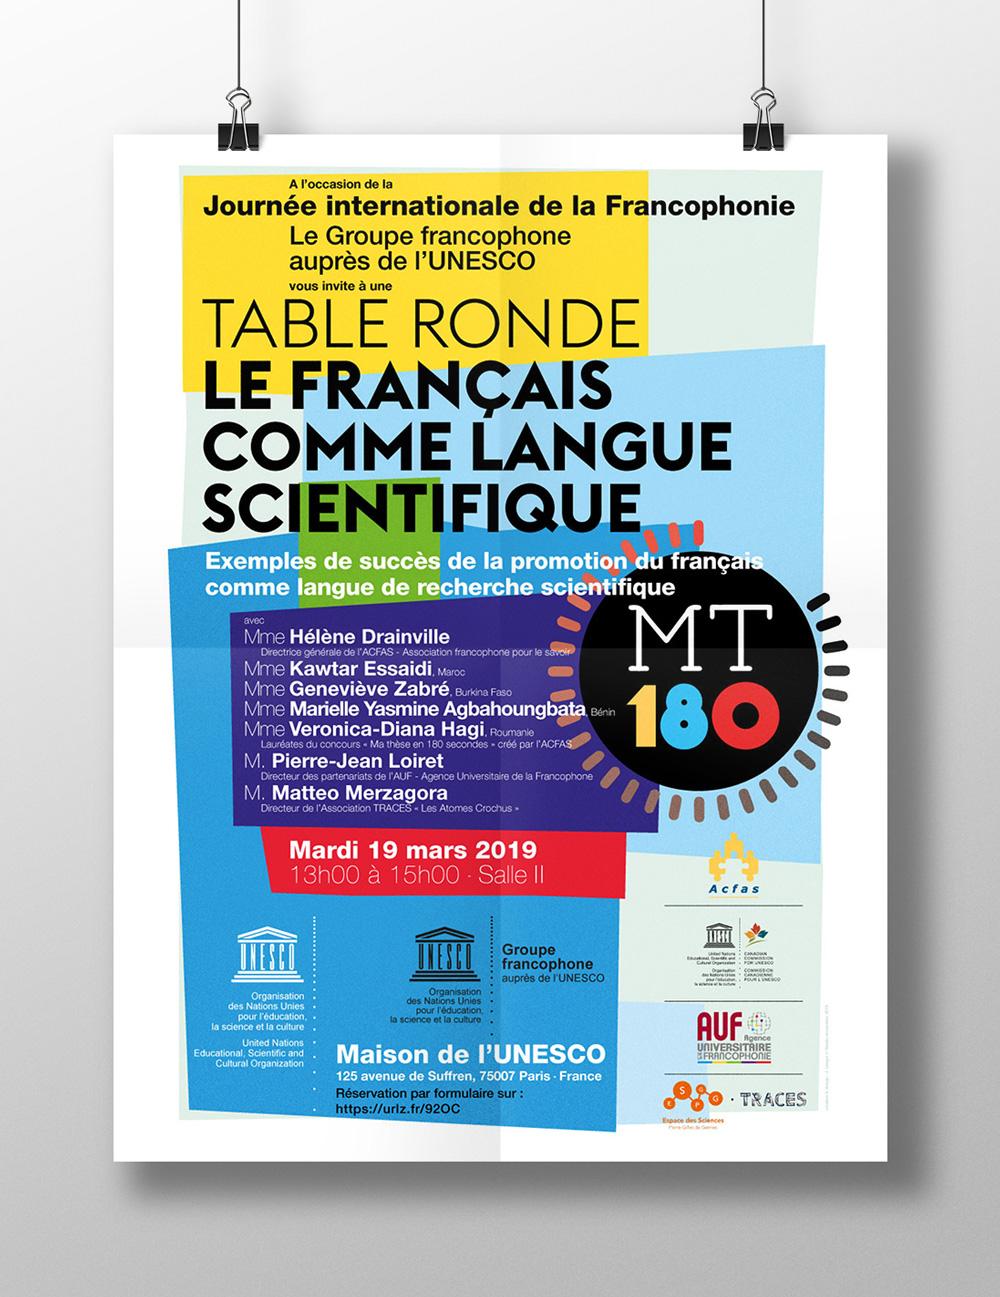 UNESCO Francophonie Communication Agence Si - Affiche MT180